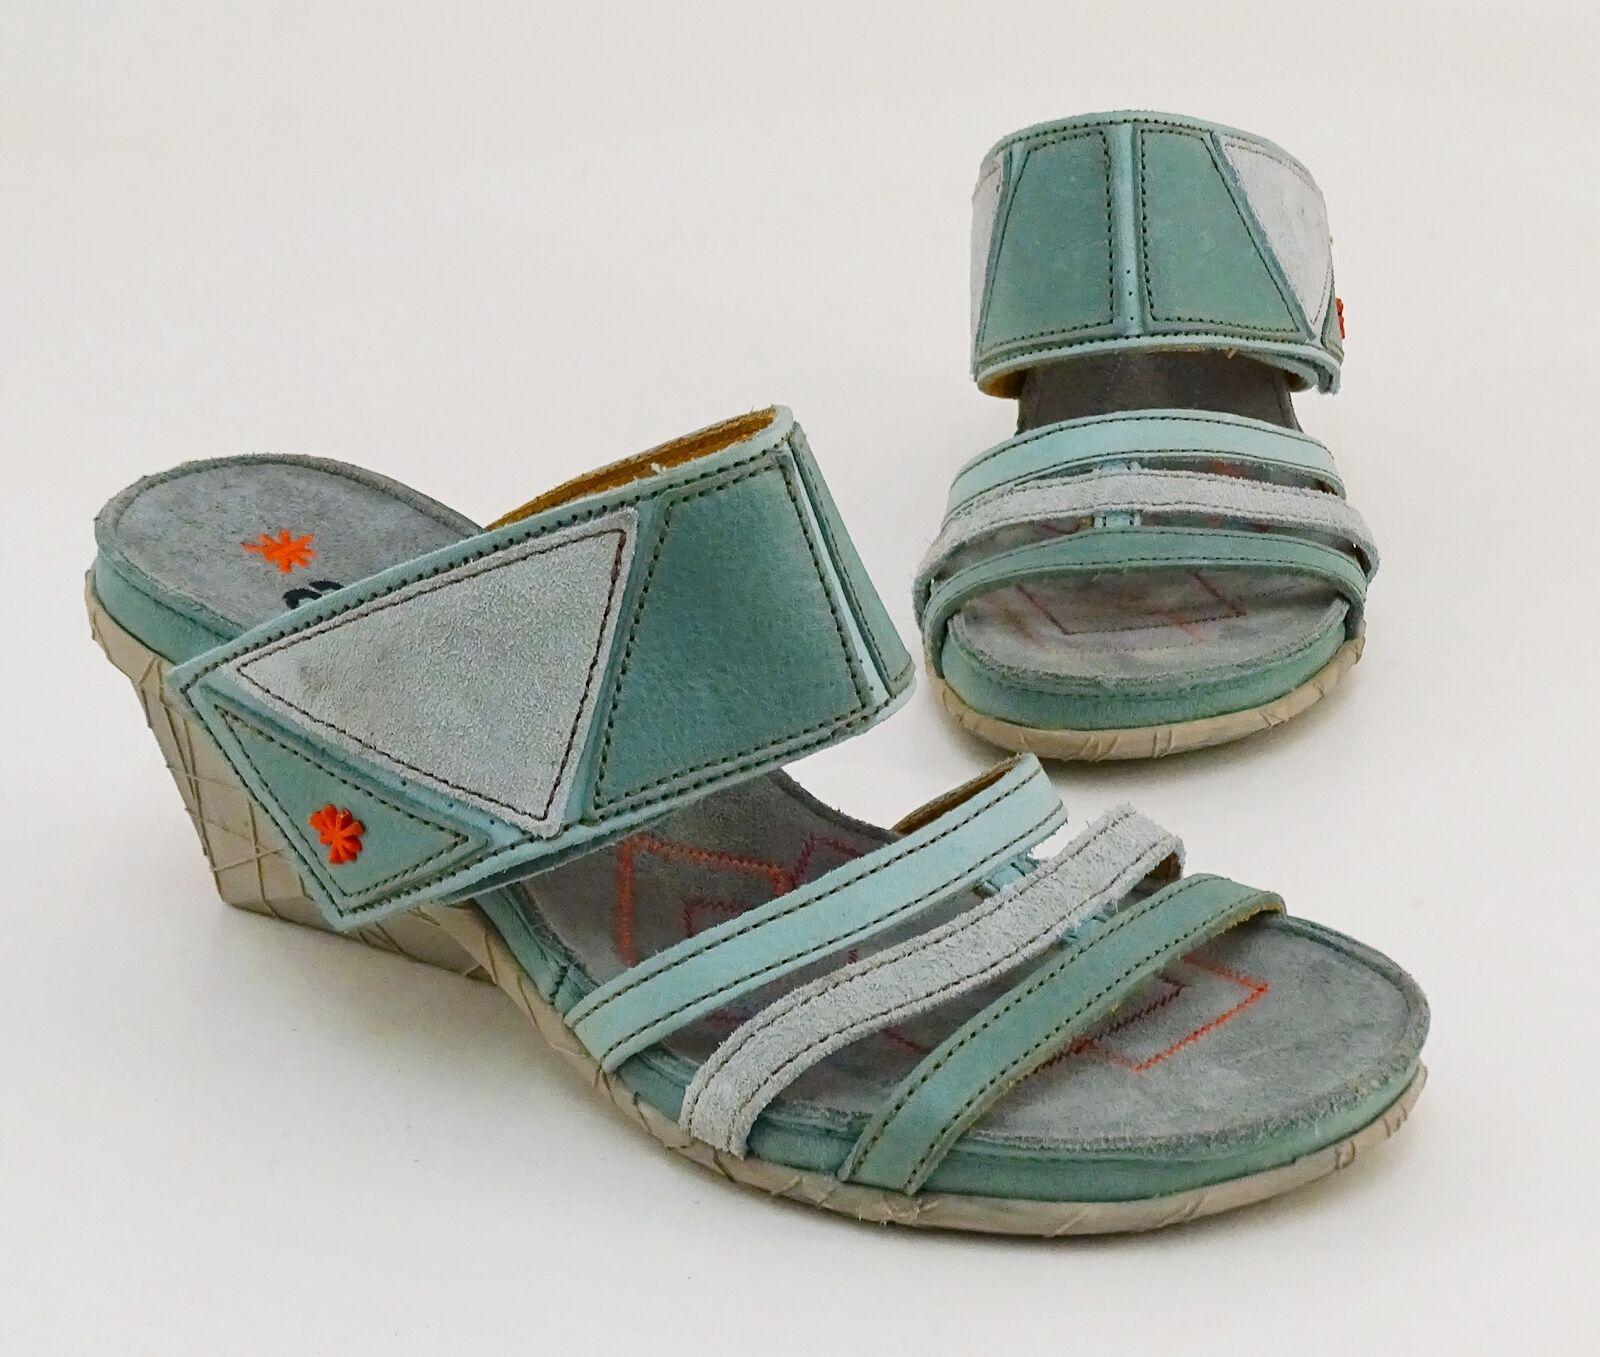 Tipo sandalias tacón de cuña velcro cuero genuino